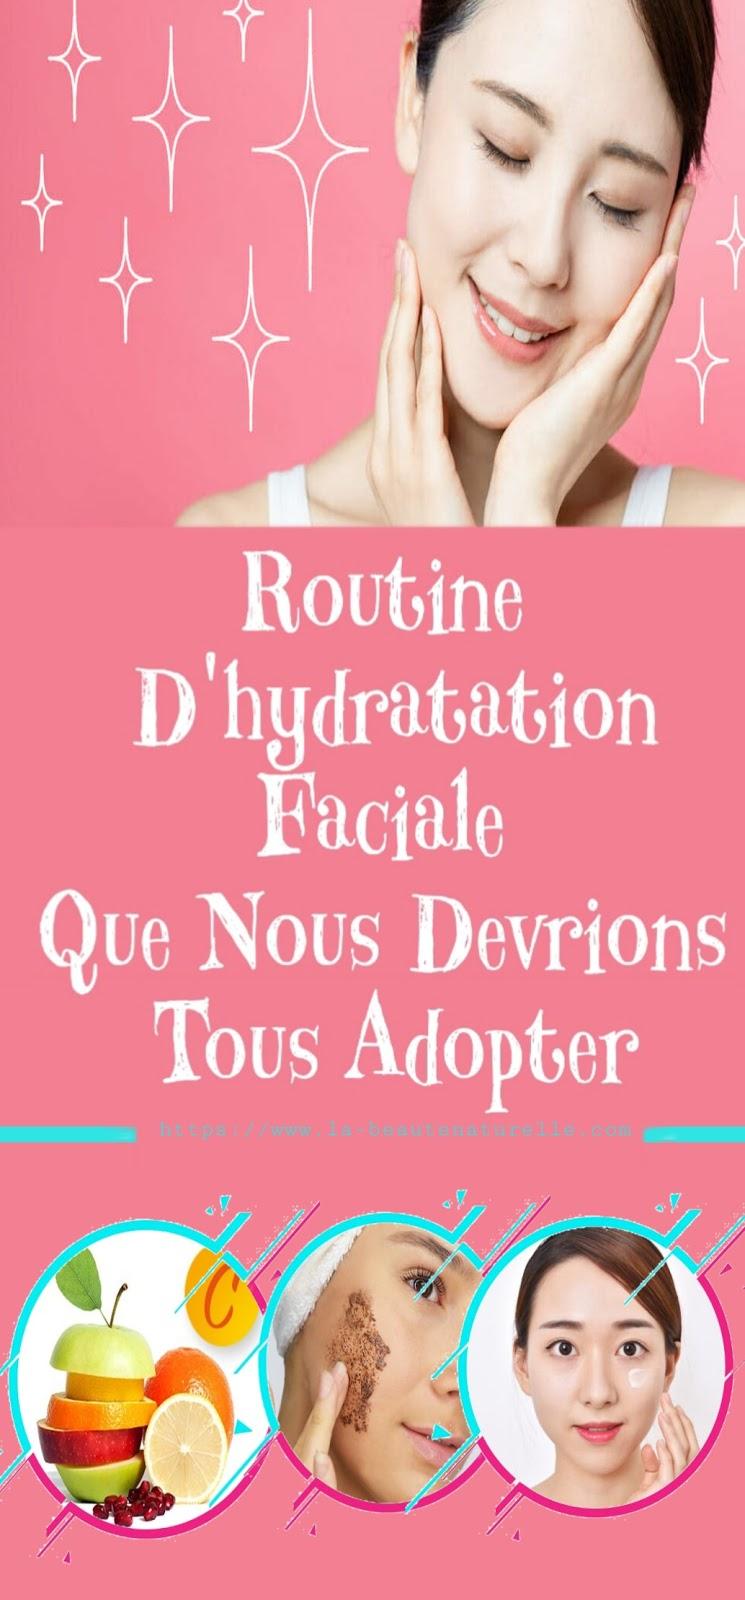 Routine D'hydratation Faciale Que Nous Devrions Tous Adopter